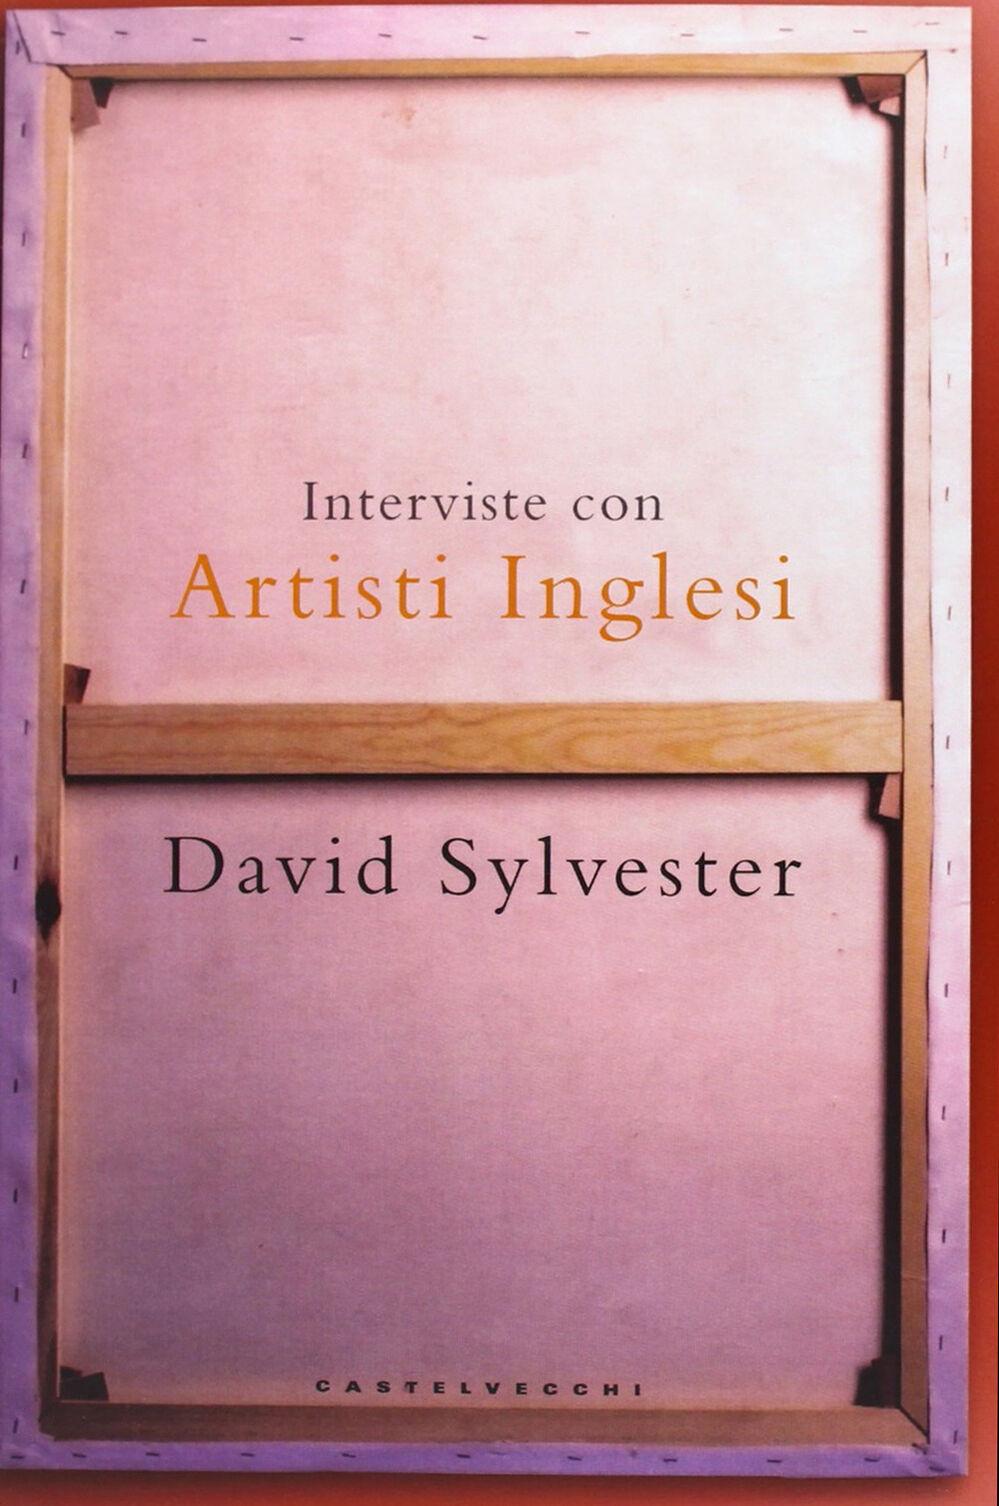 Interviste con artisti inglesi